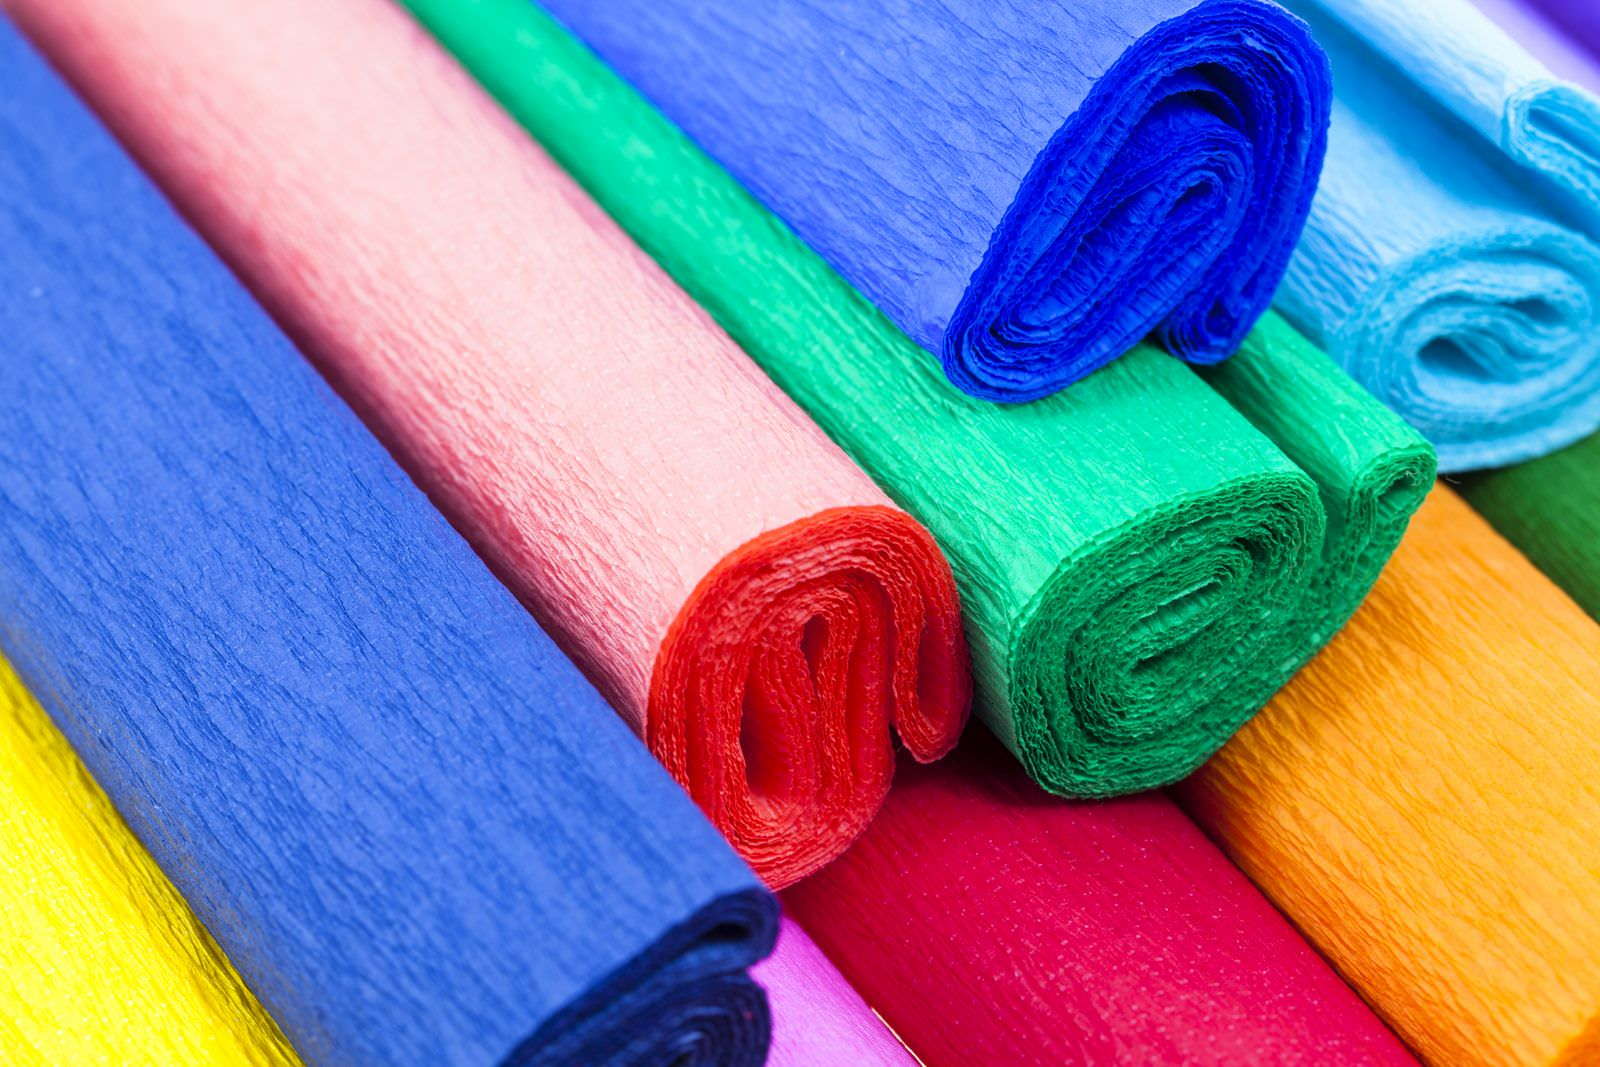 Гофрированная бумага превосходно подходит для творчества